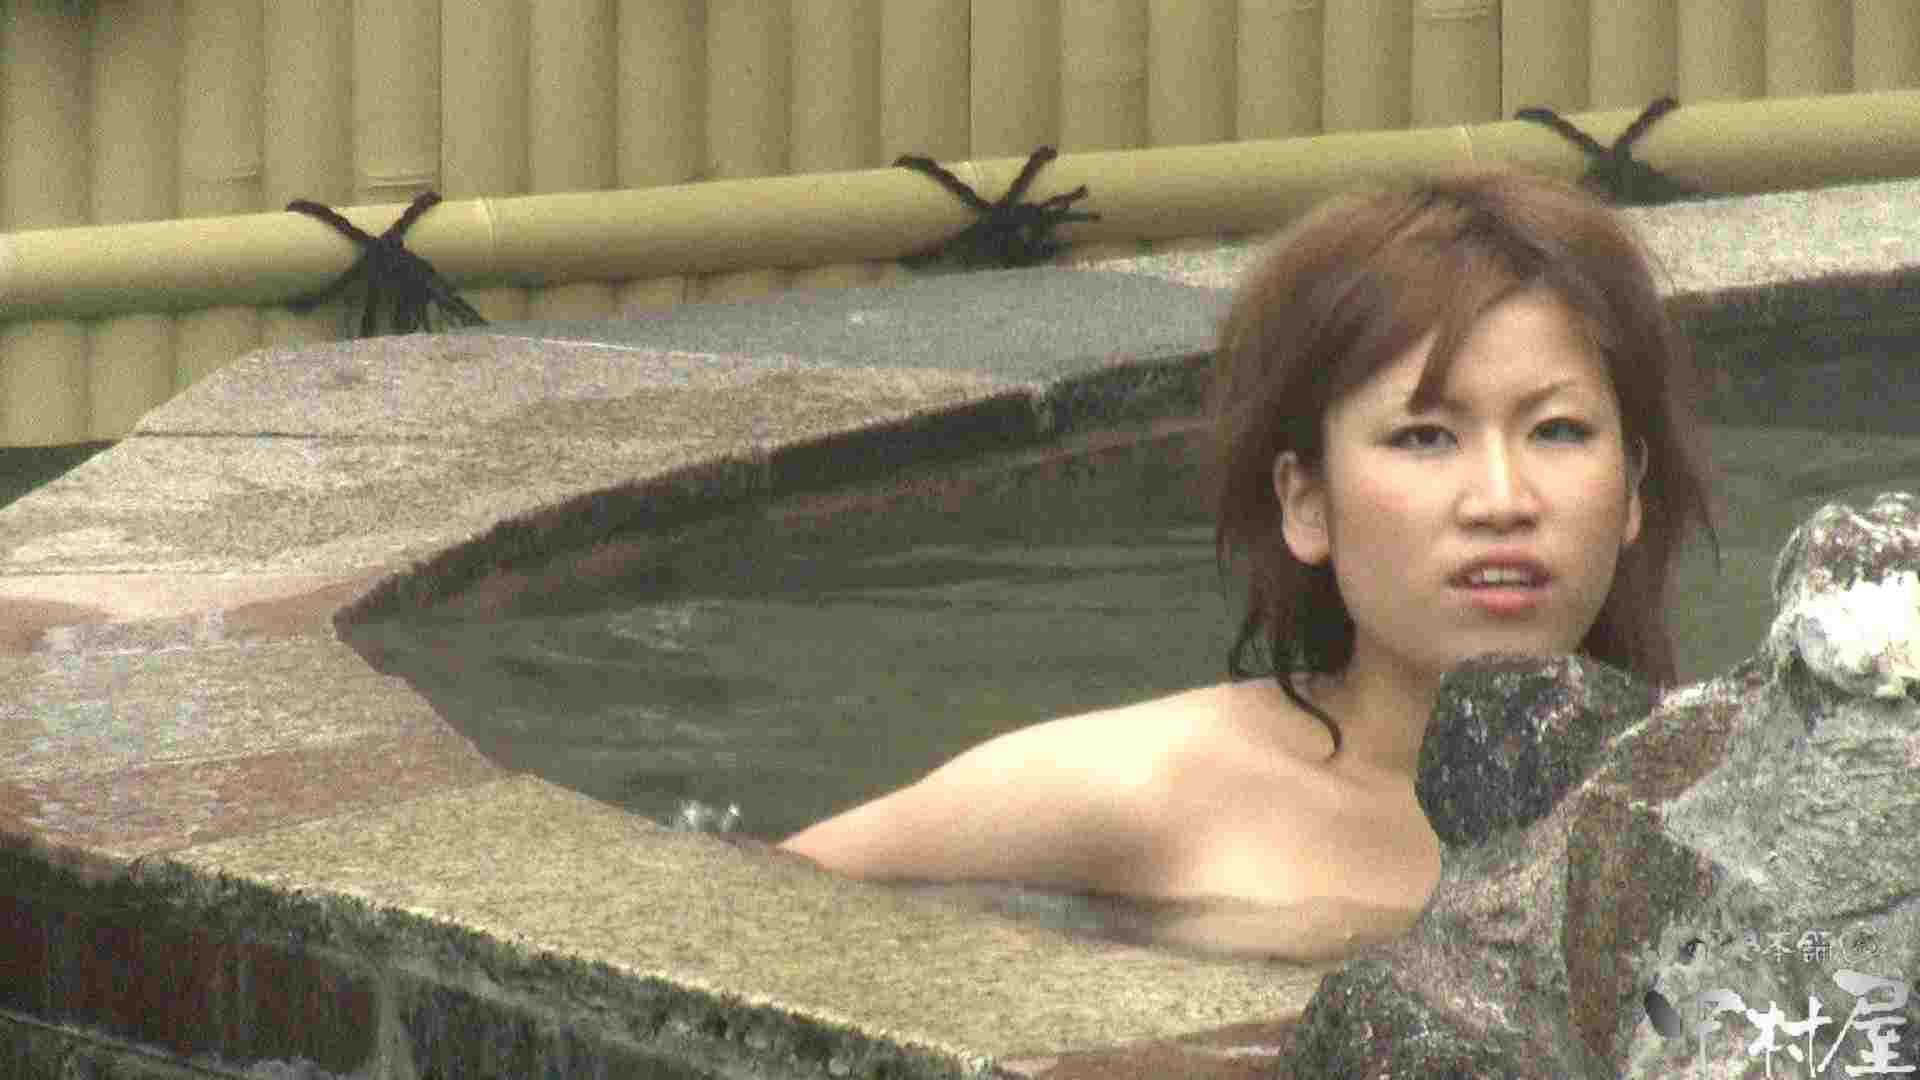 Aquaな露天風呂Vol.918 OL  101pic 2